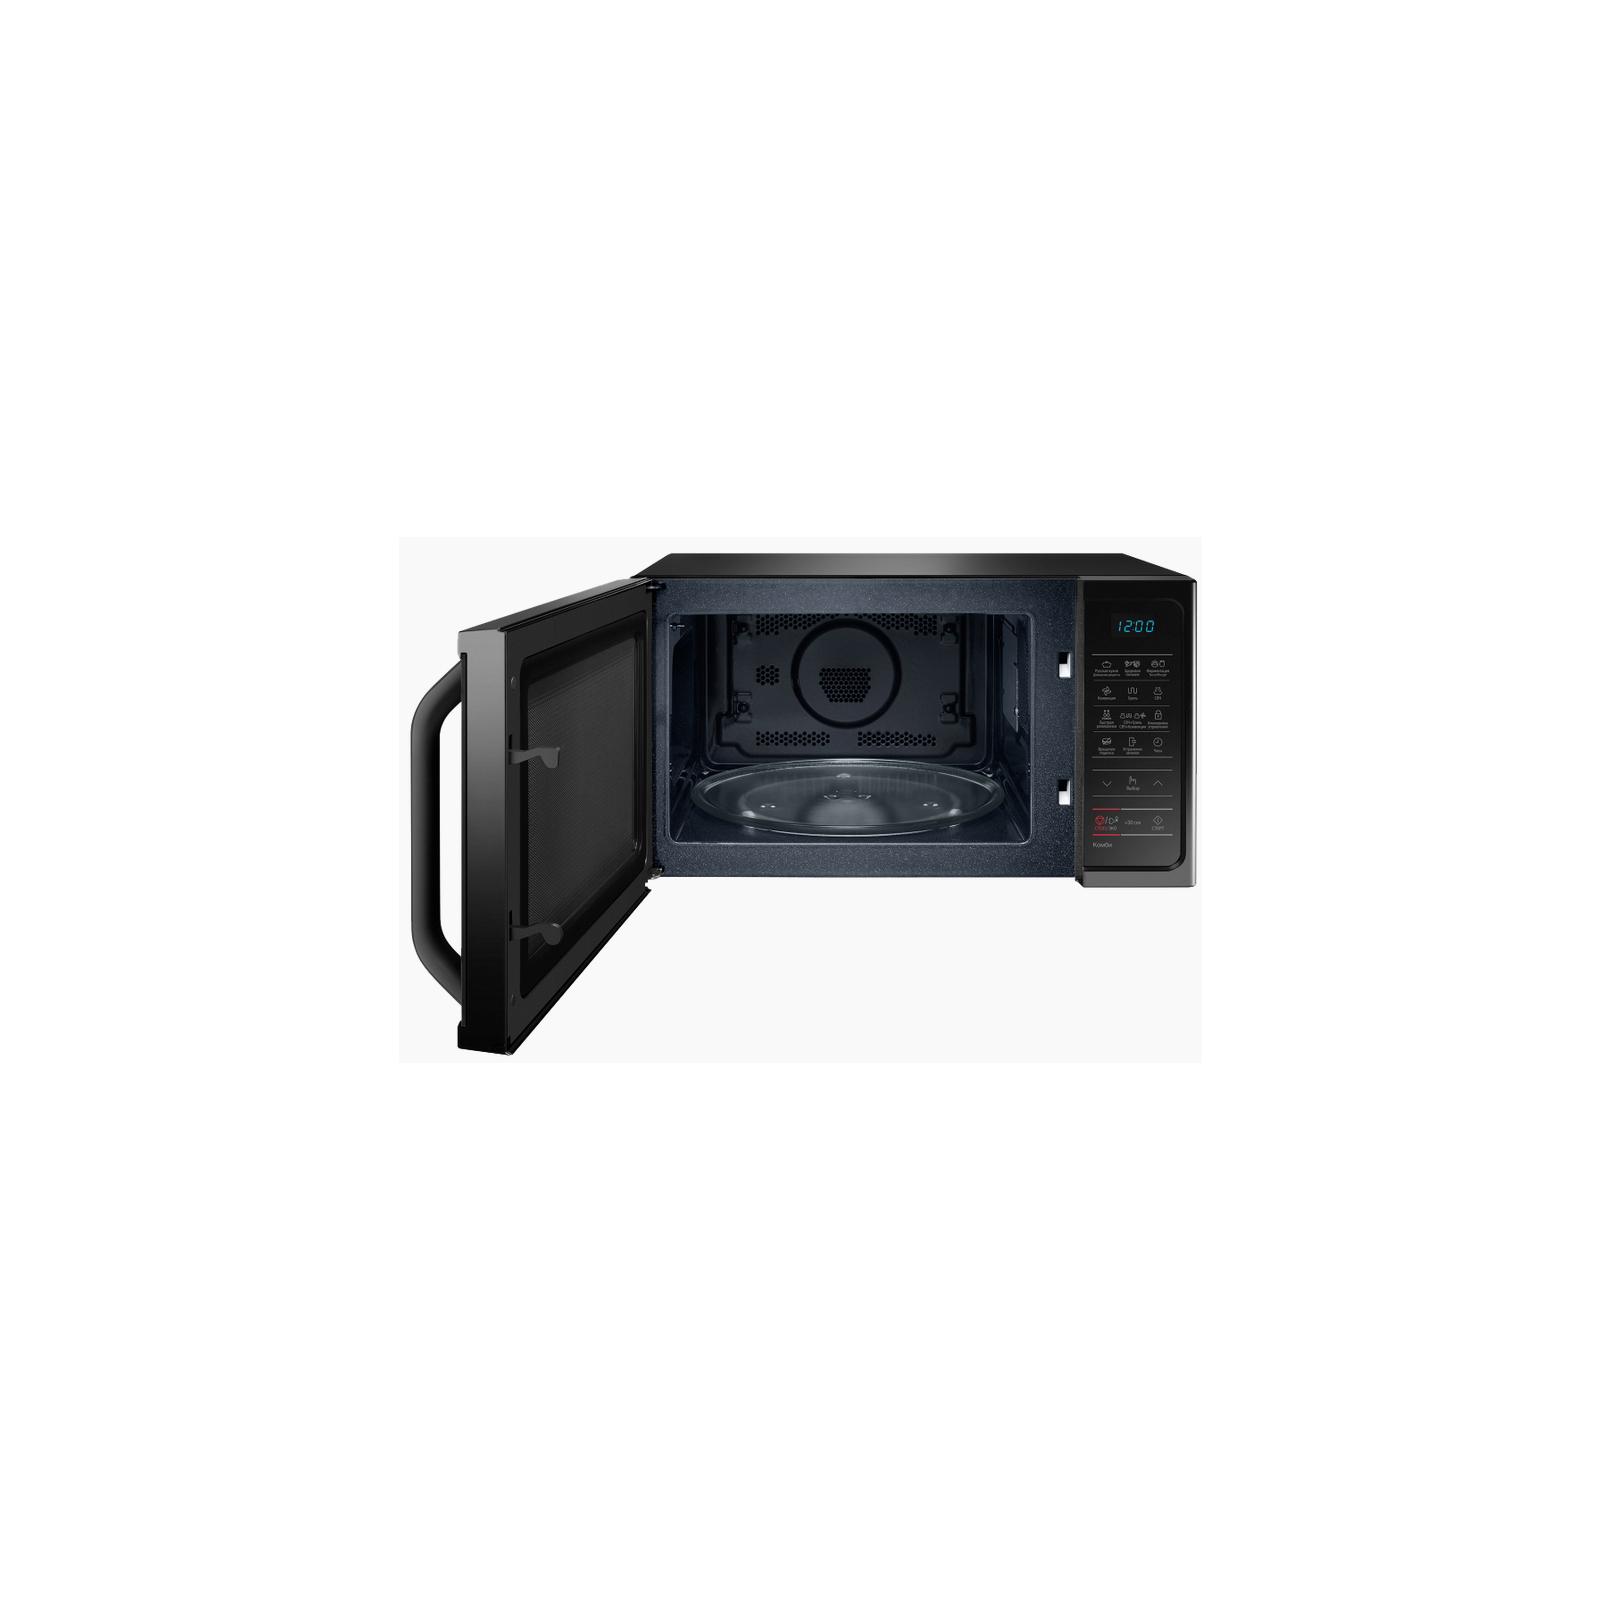 Микроволновая печь Samsung MC28H5013AK/BW изображение 3